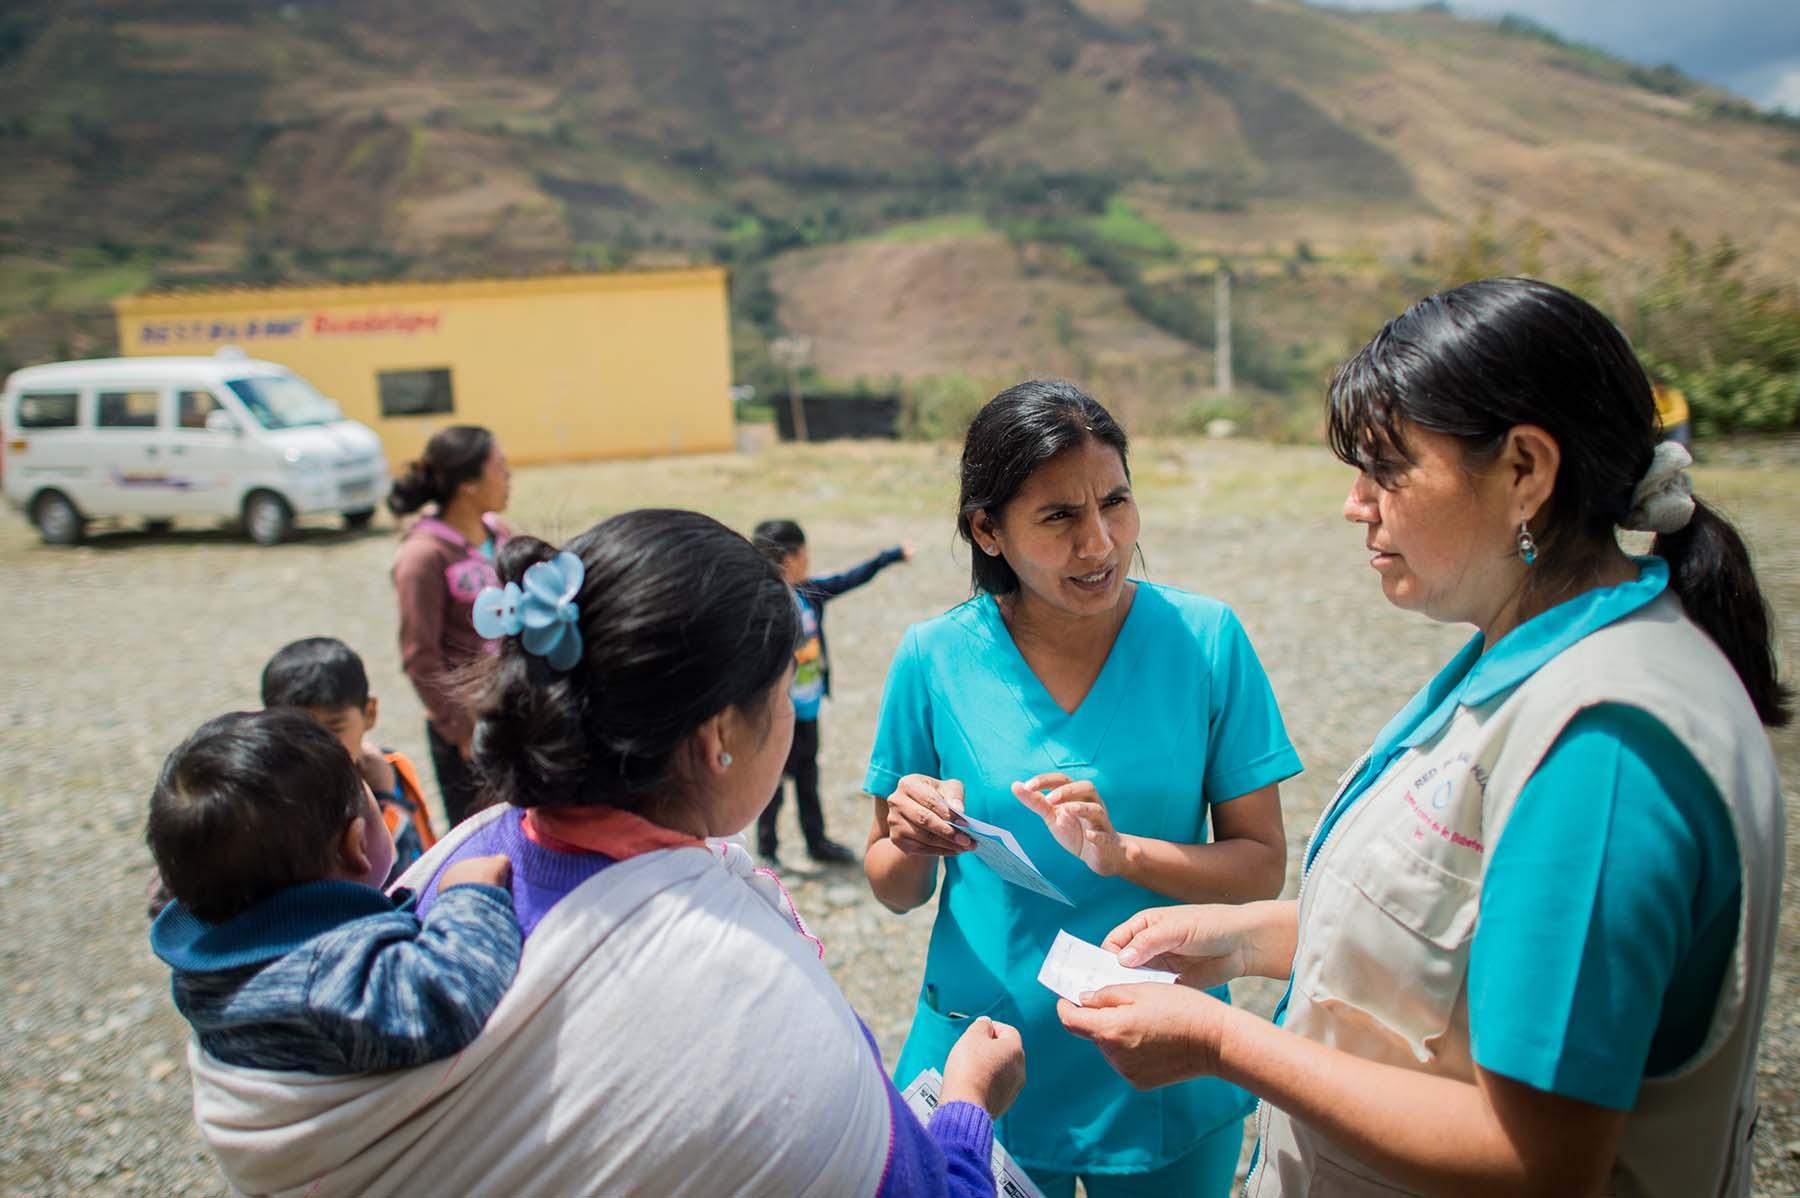 照片中当地健康促进项目的护士正在指导一位妈妈如何最好地照顾孩子。(秘鲁,阿科马约)